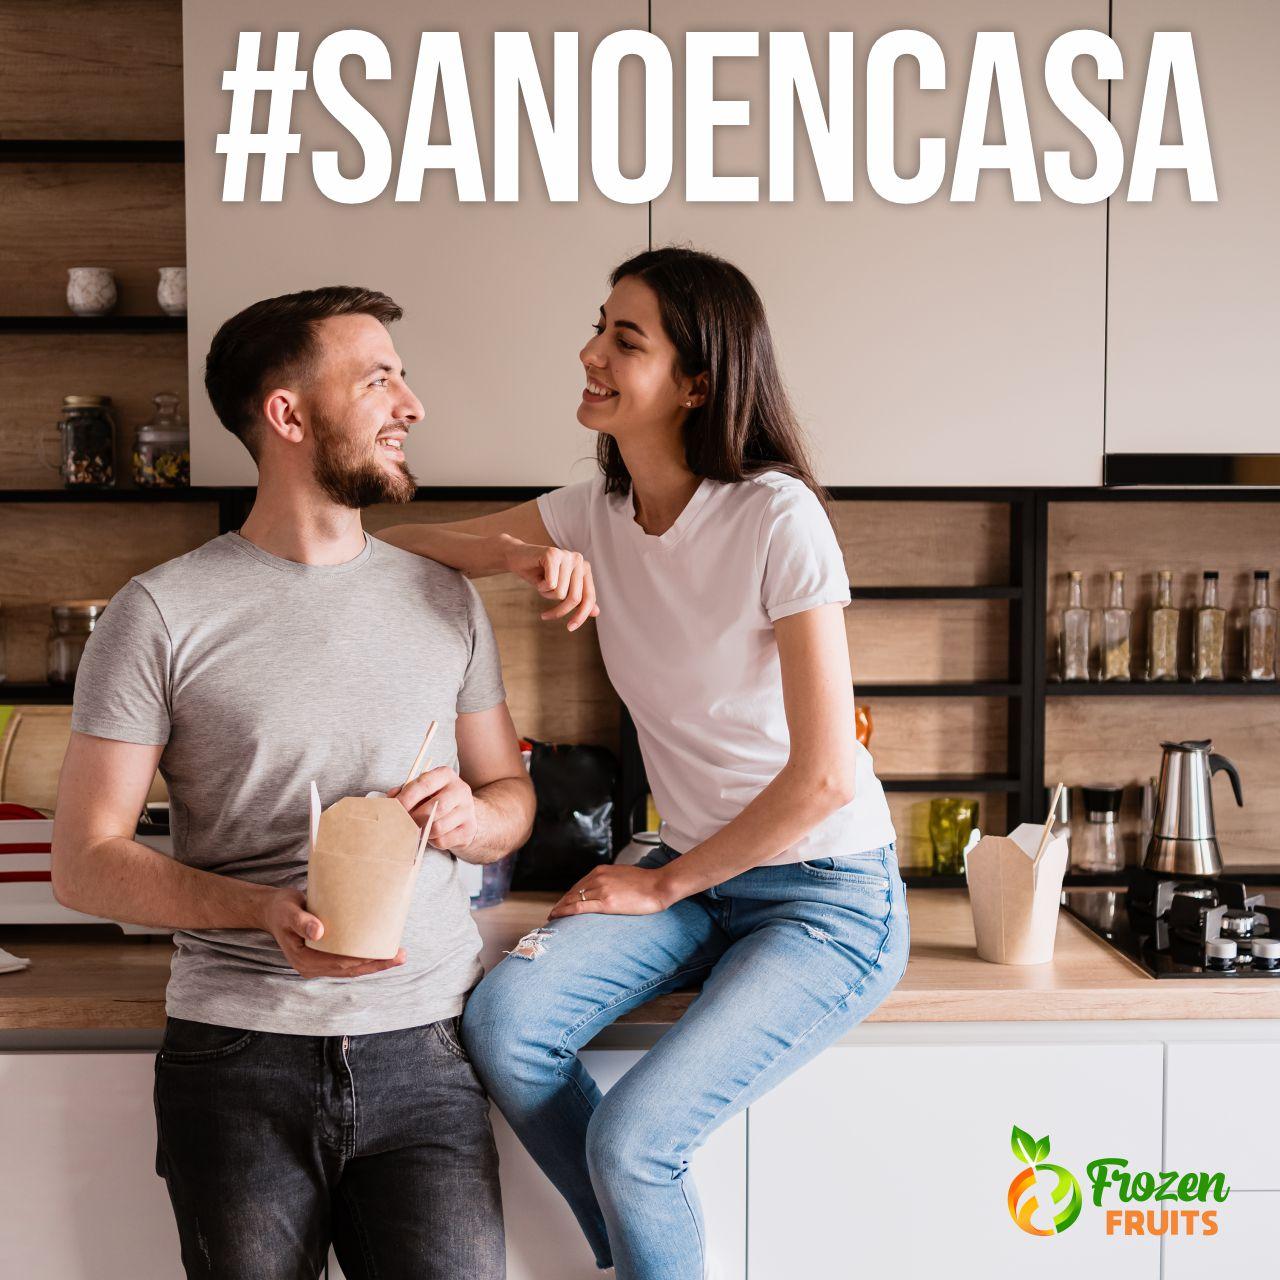 #SanosEnCasa: